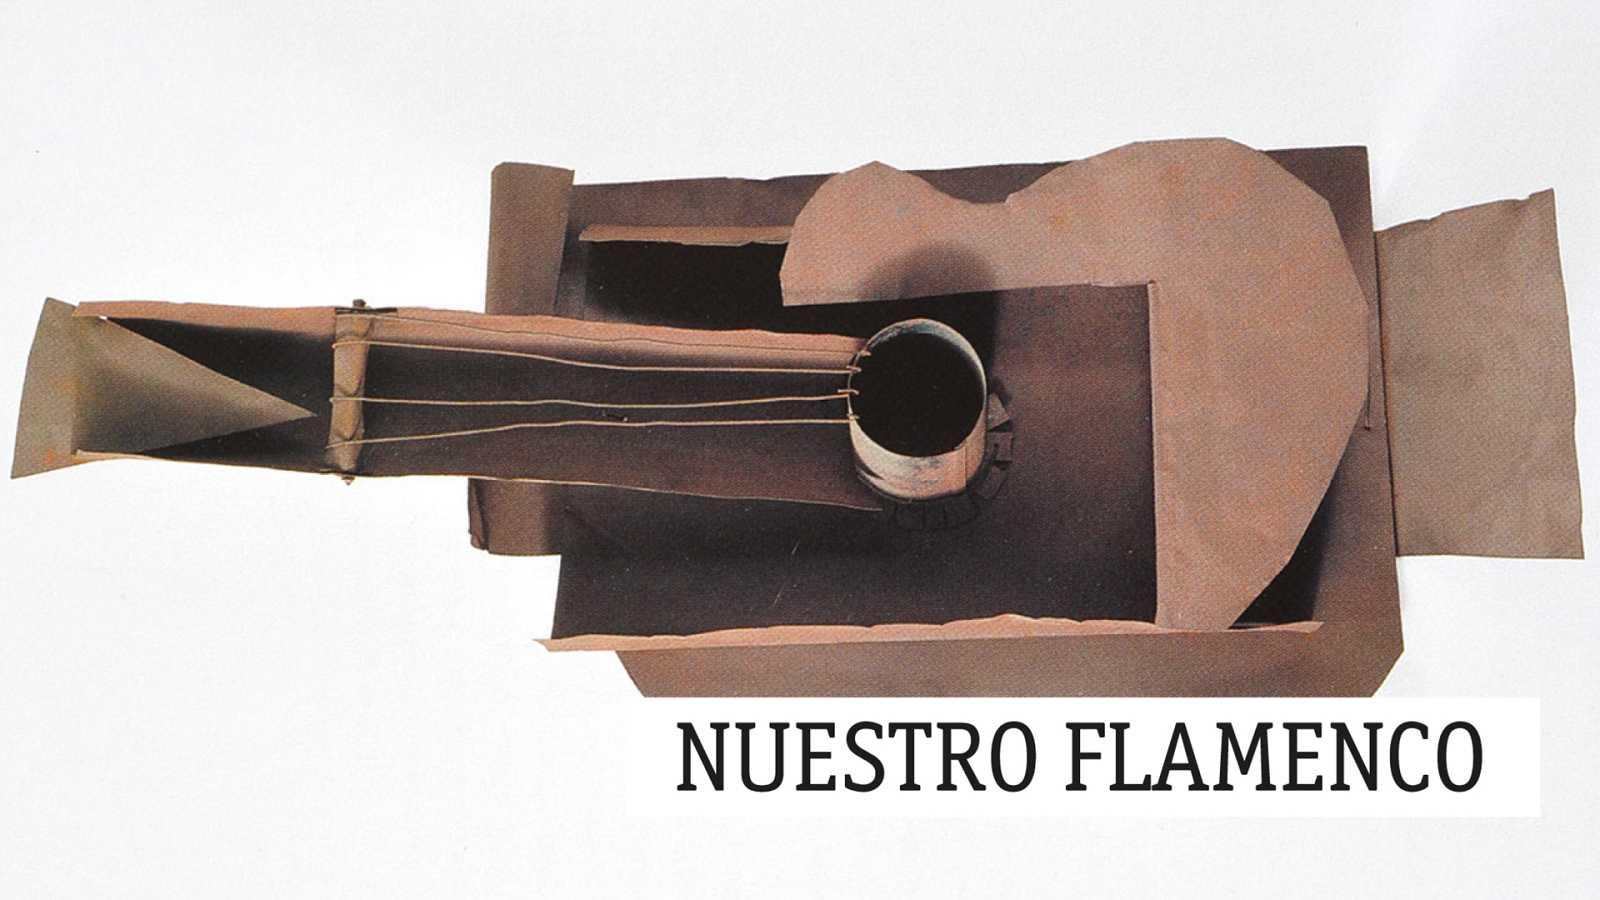 Nuestro Flamenco - El profesor Rodríguez Ojeda y sus letras para el cante - 13/10/20 - escuchar ahora